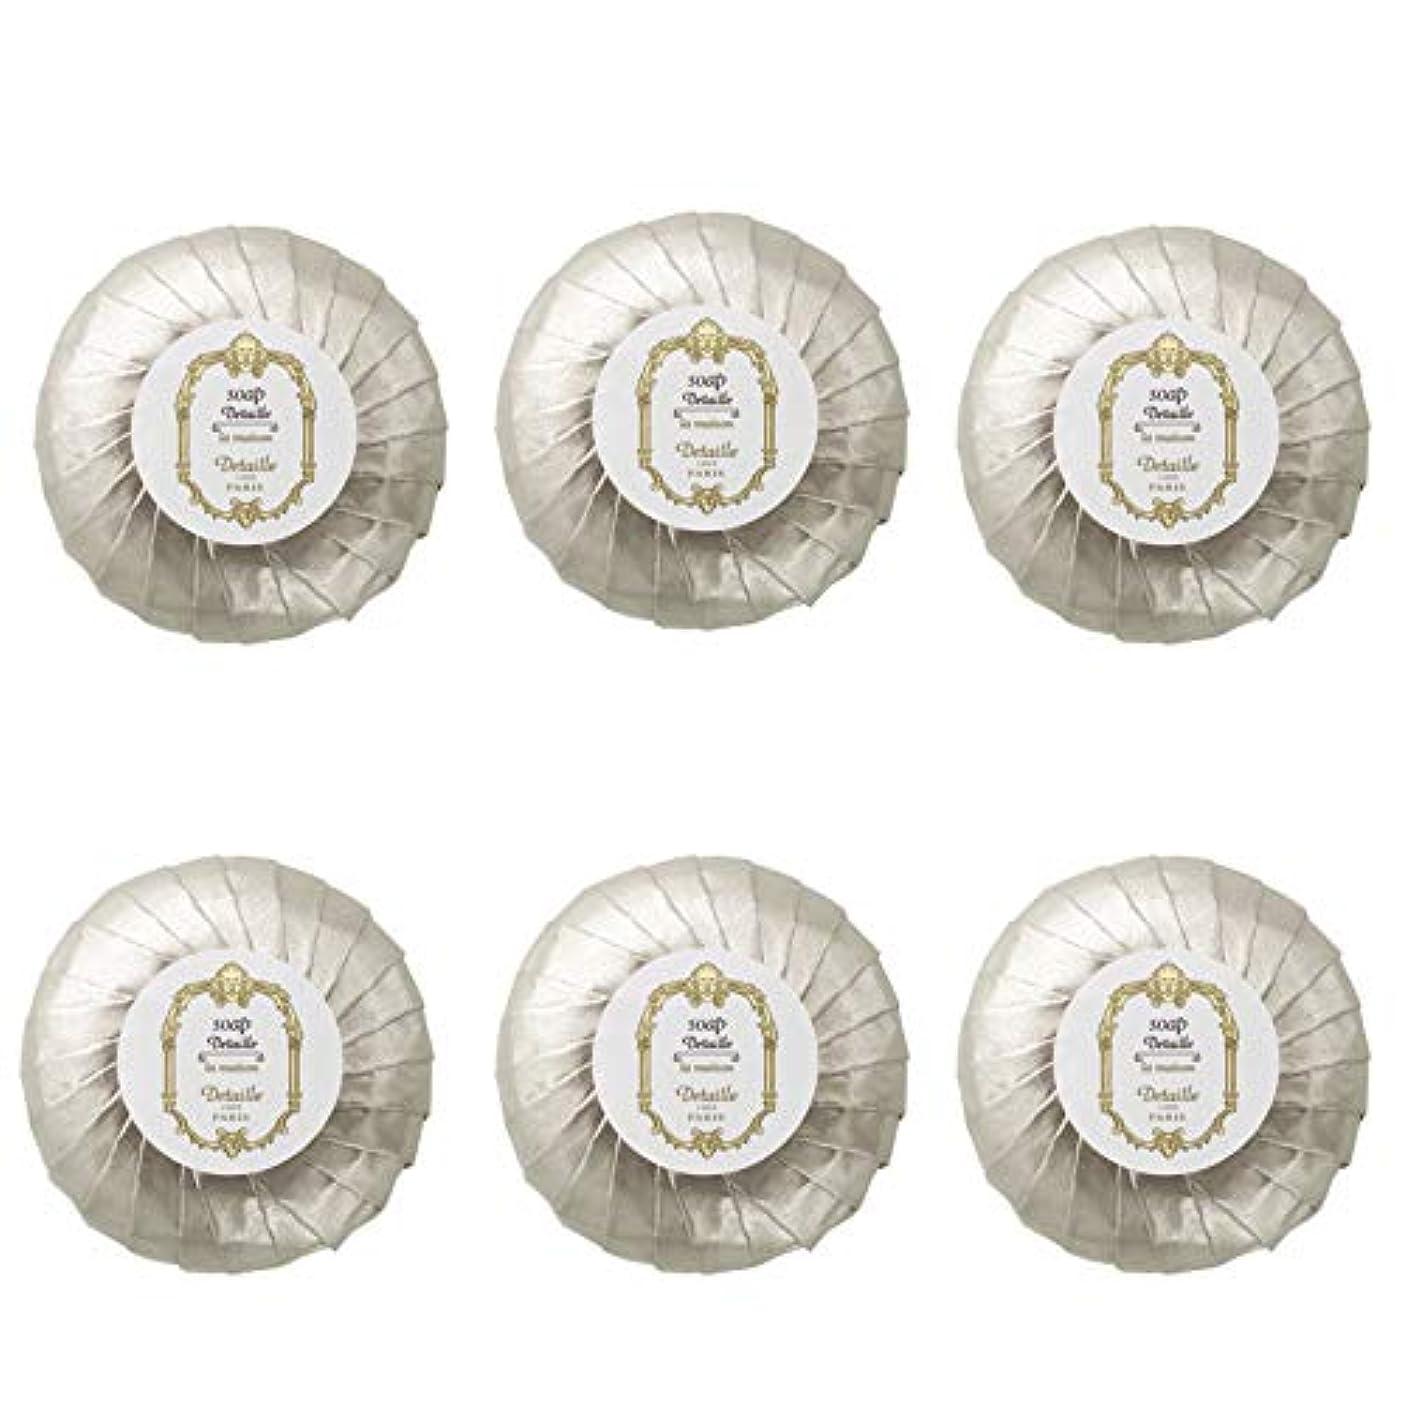 代表感動する扇動するPOLA デタイユ ラ メゾン スキンソープ 固形石鹸 (プリーツ包装) 50g×6個